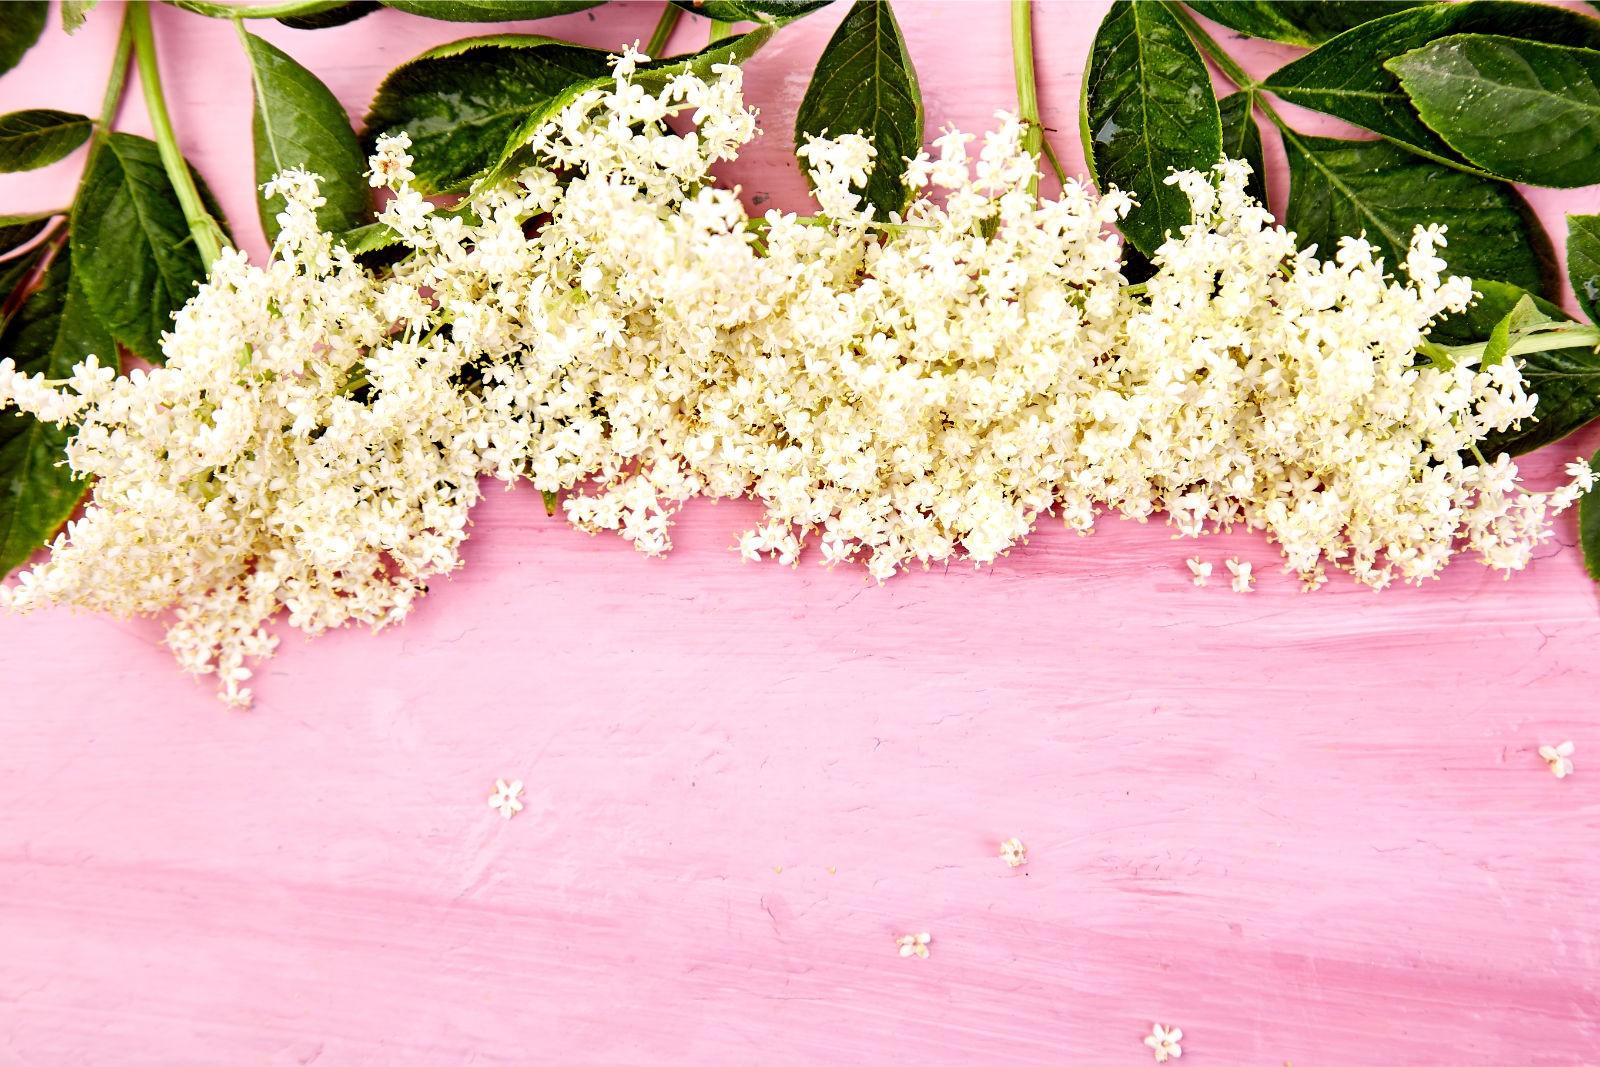 Holunderblüten vor rosa Hintergrund